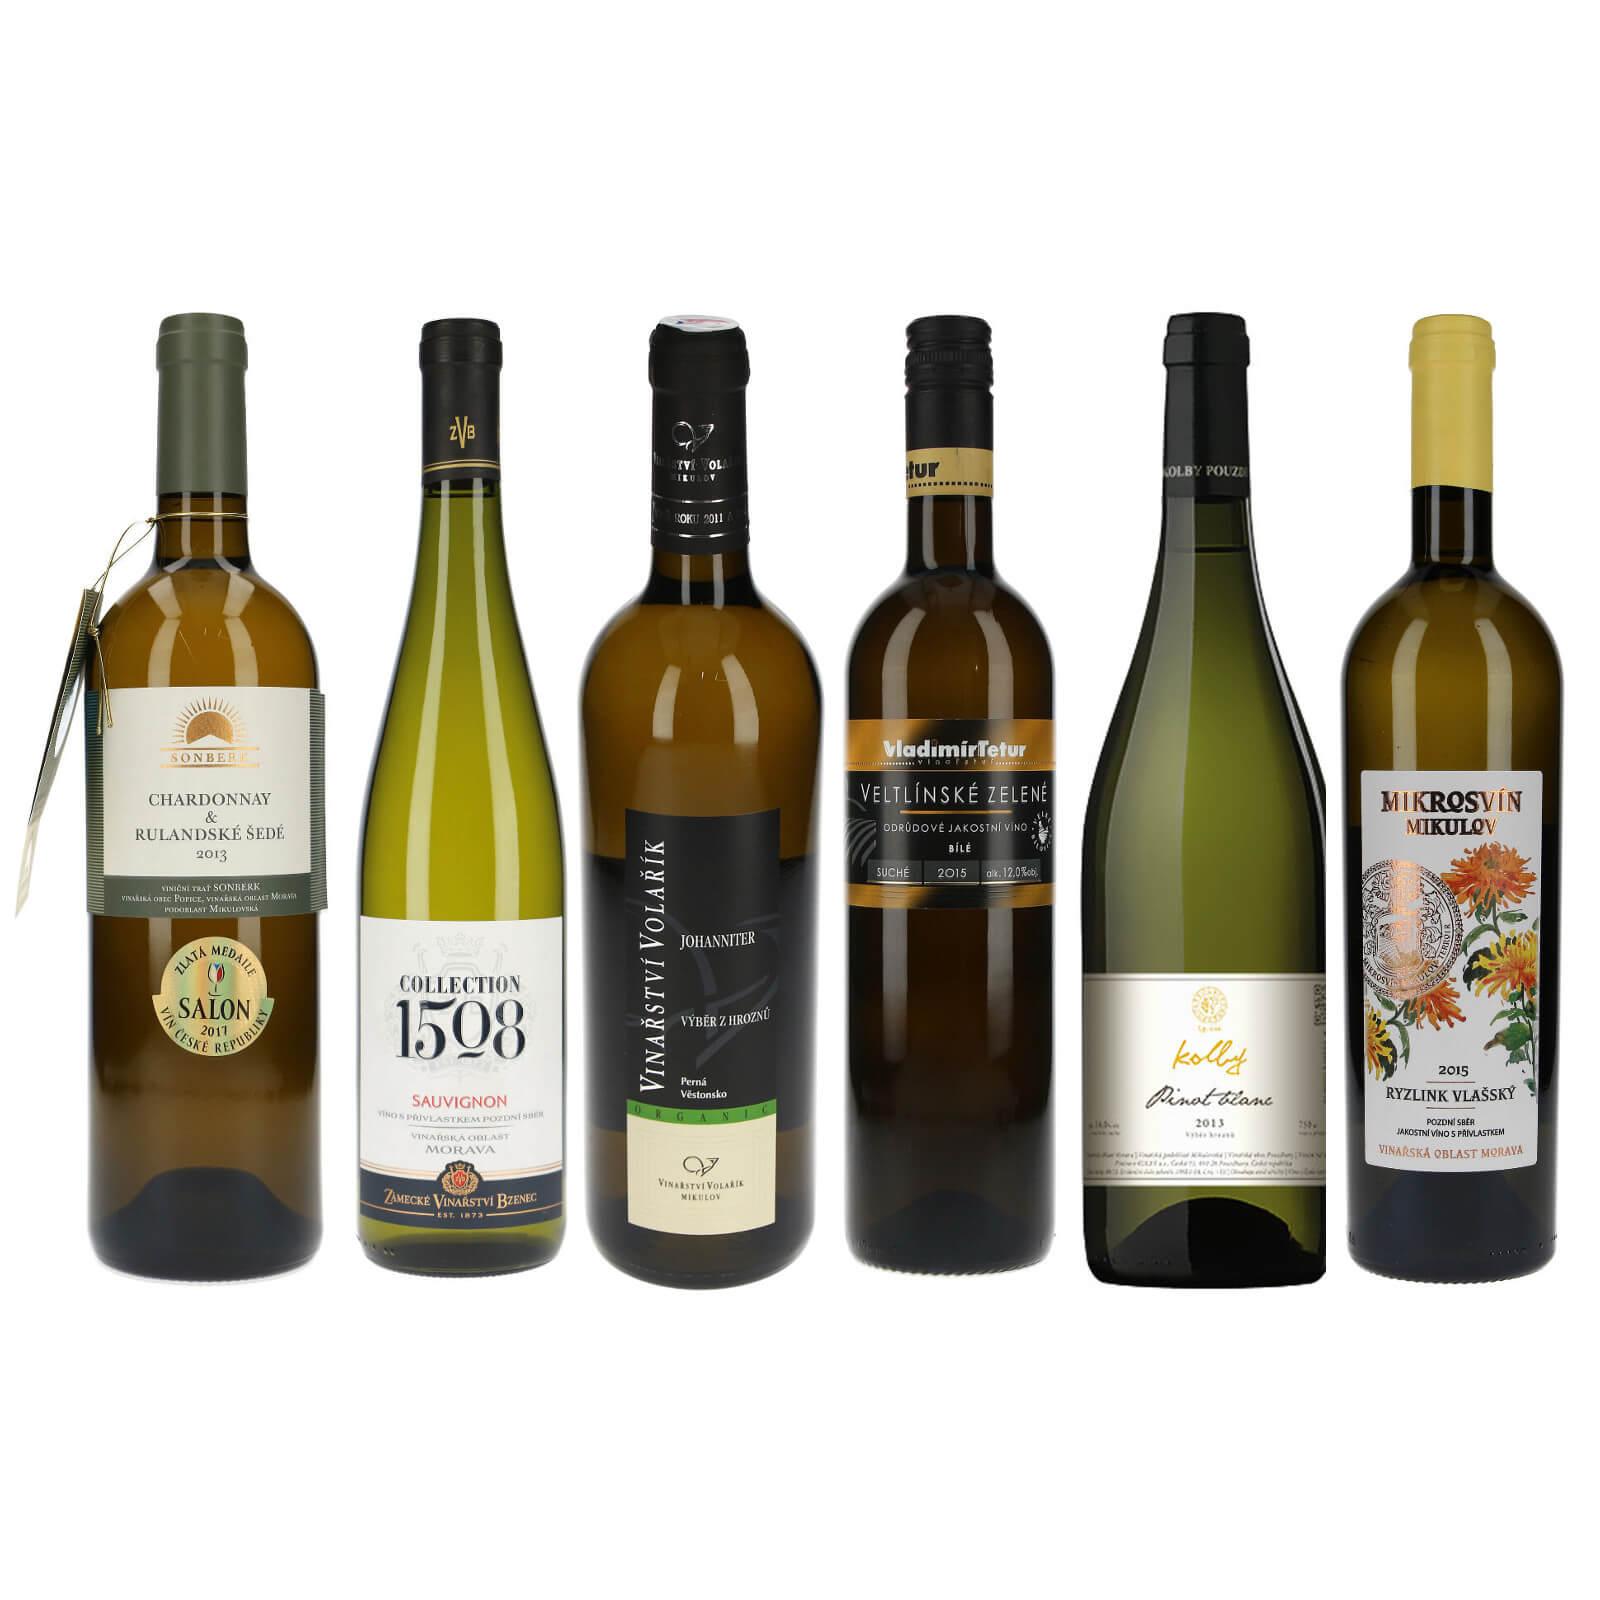 Výběr bílých vín ze Salonu - Zlatí medailisté